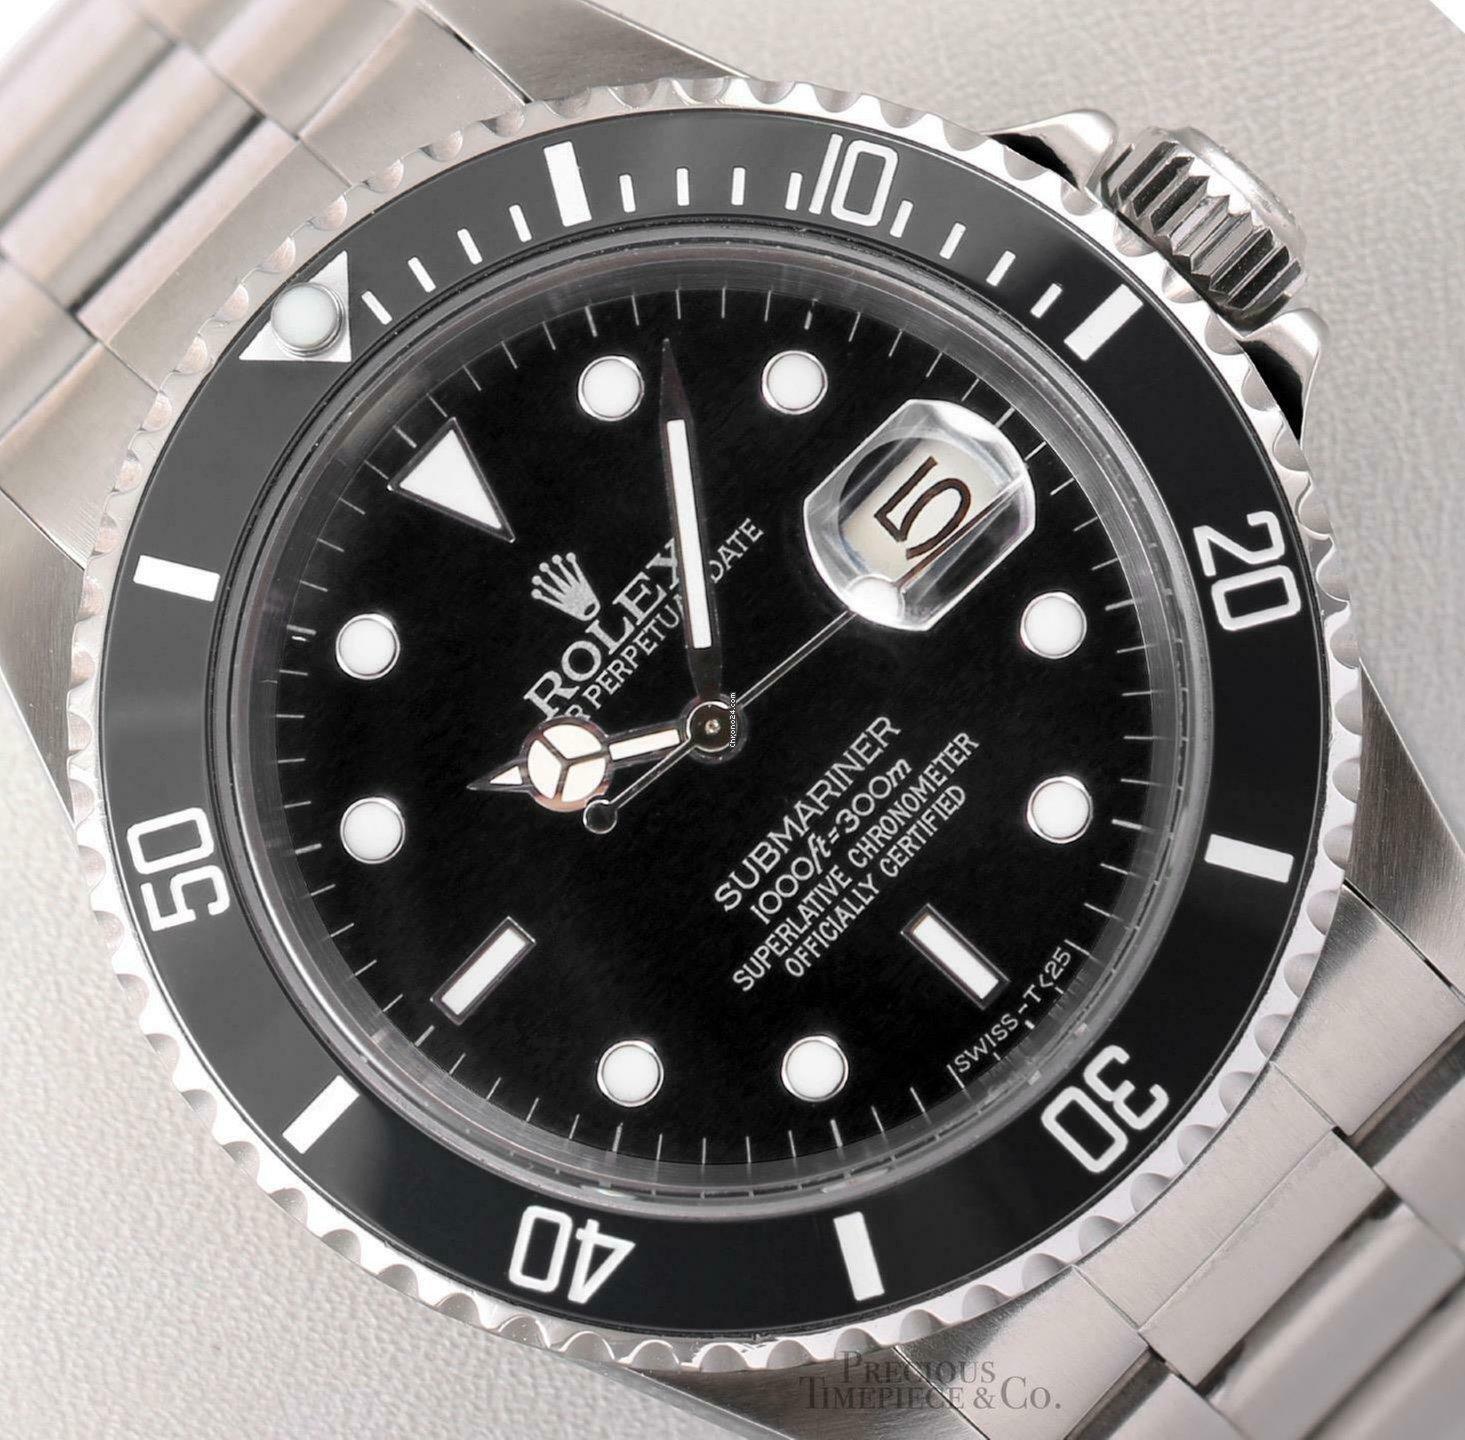 Rolex Submariner 16610 Date Stainless Steel 40mm Watch-Black